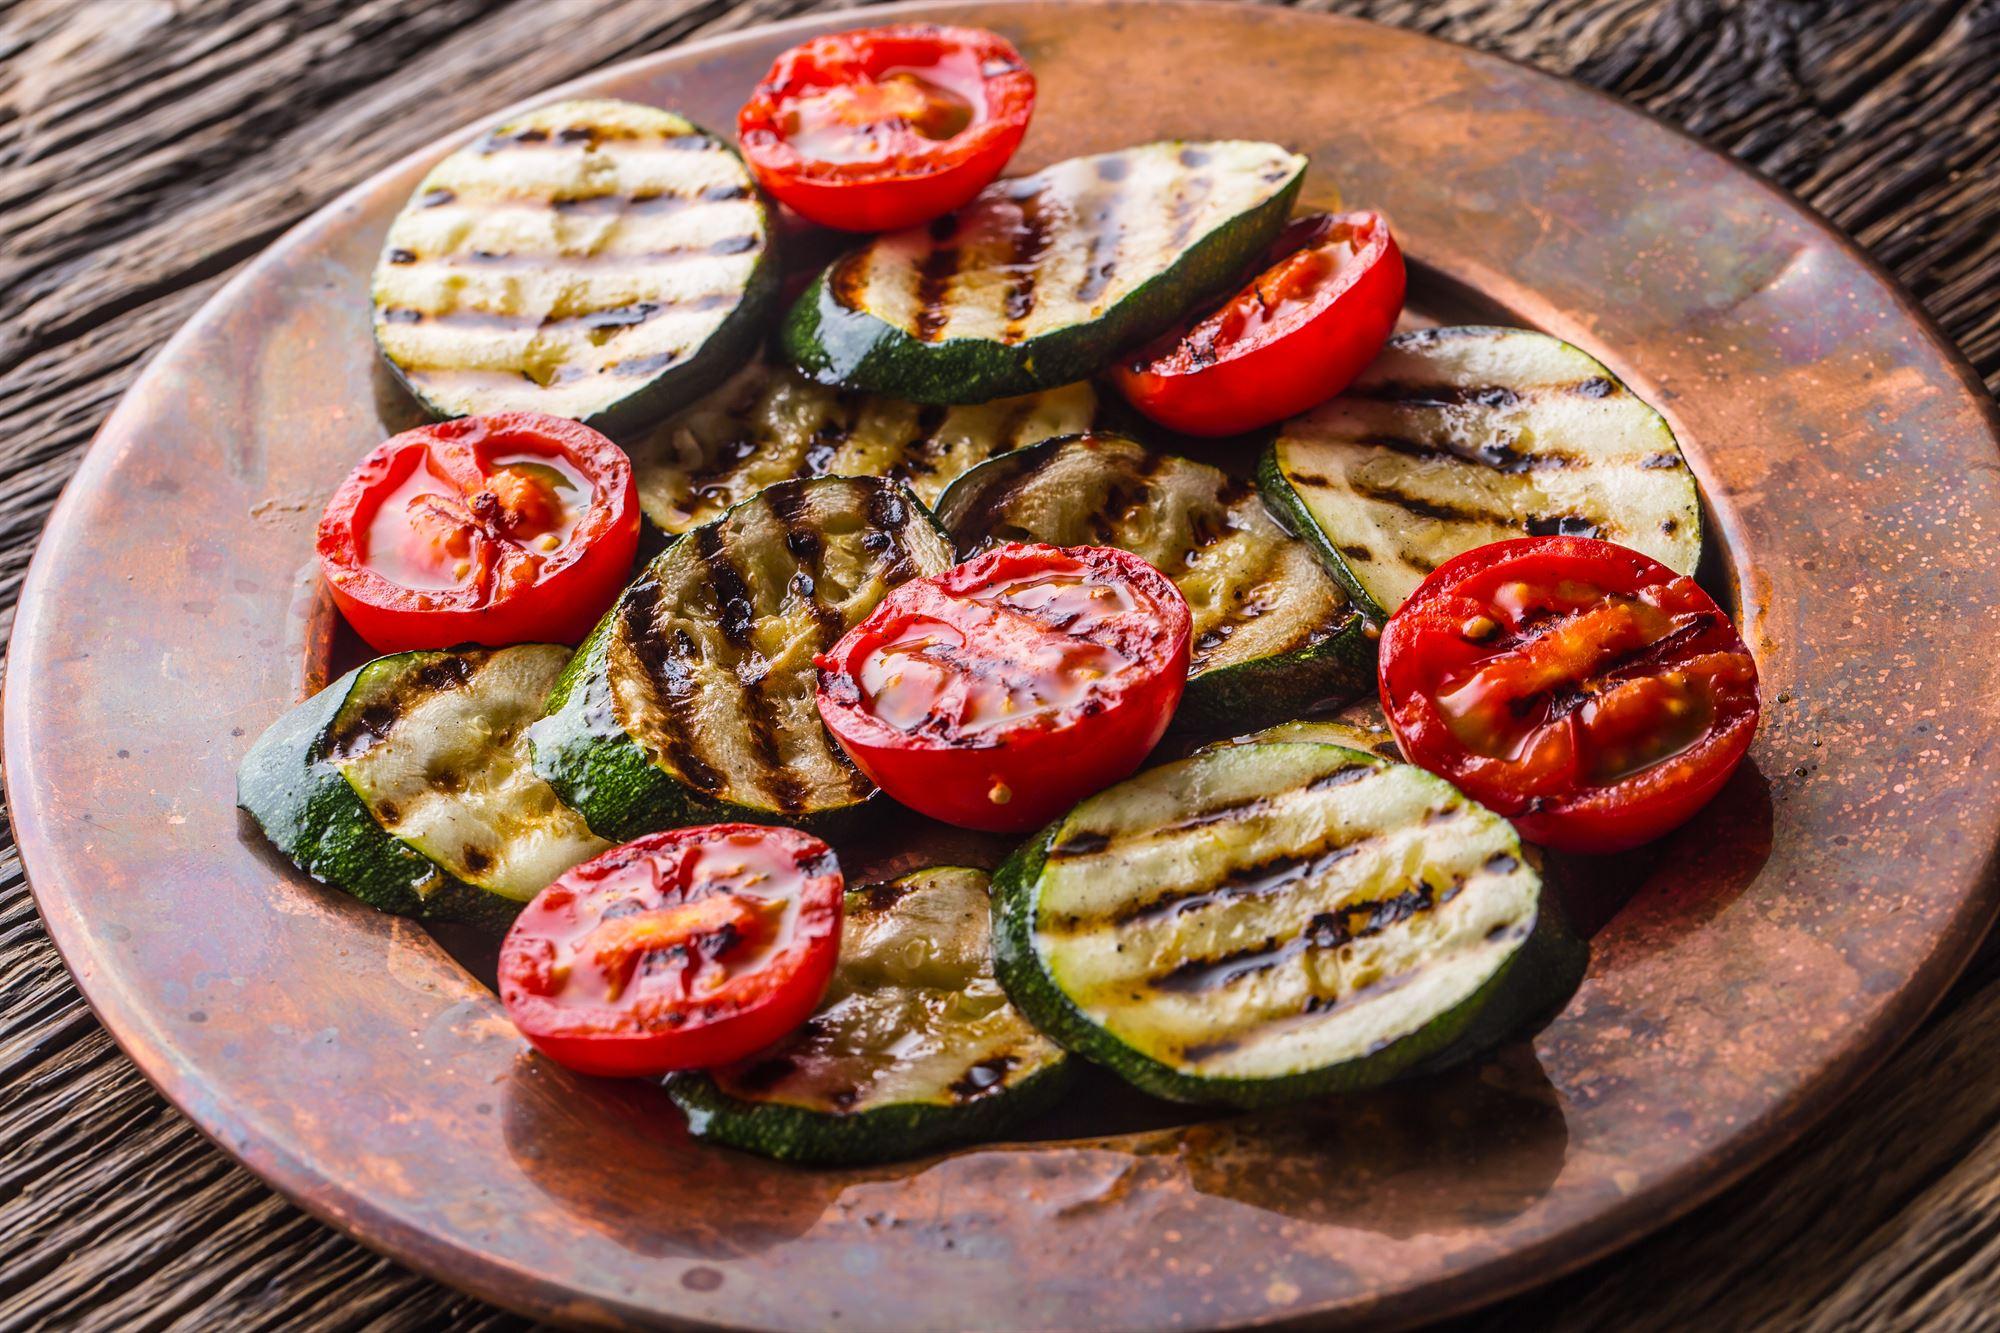 Grillede squash og tomater med fetasauce